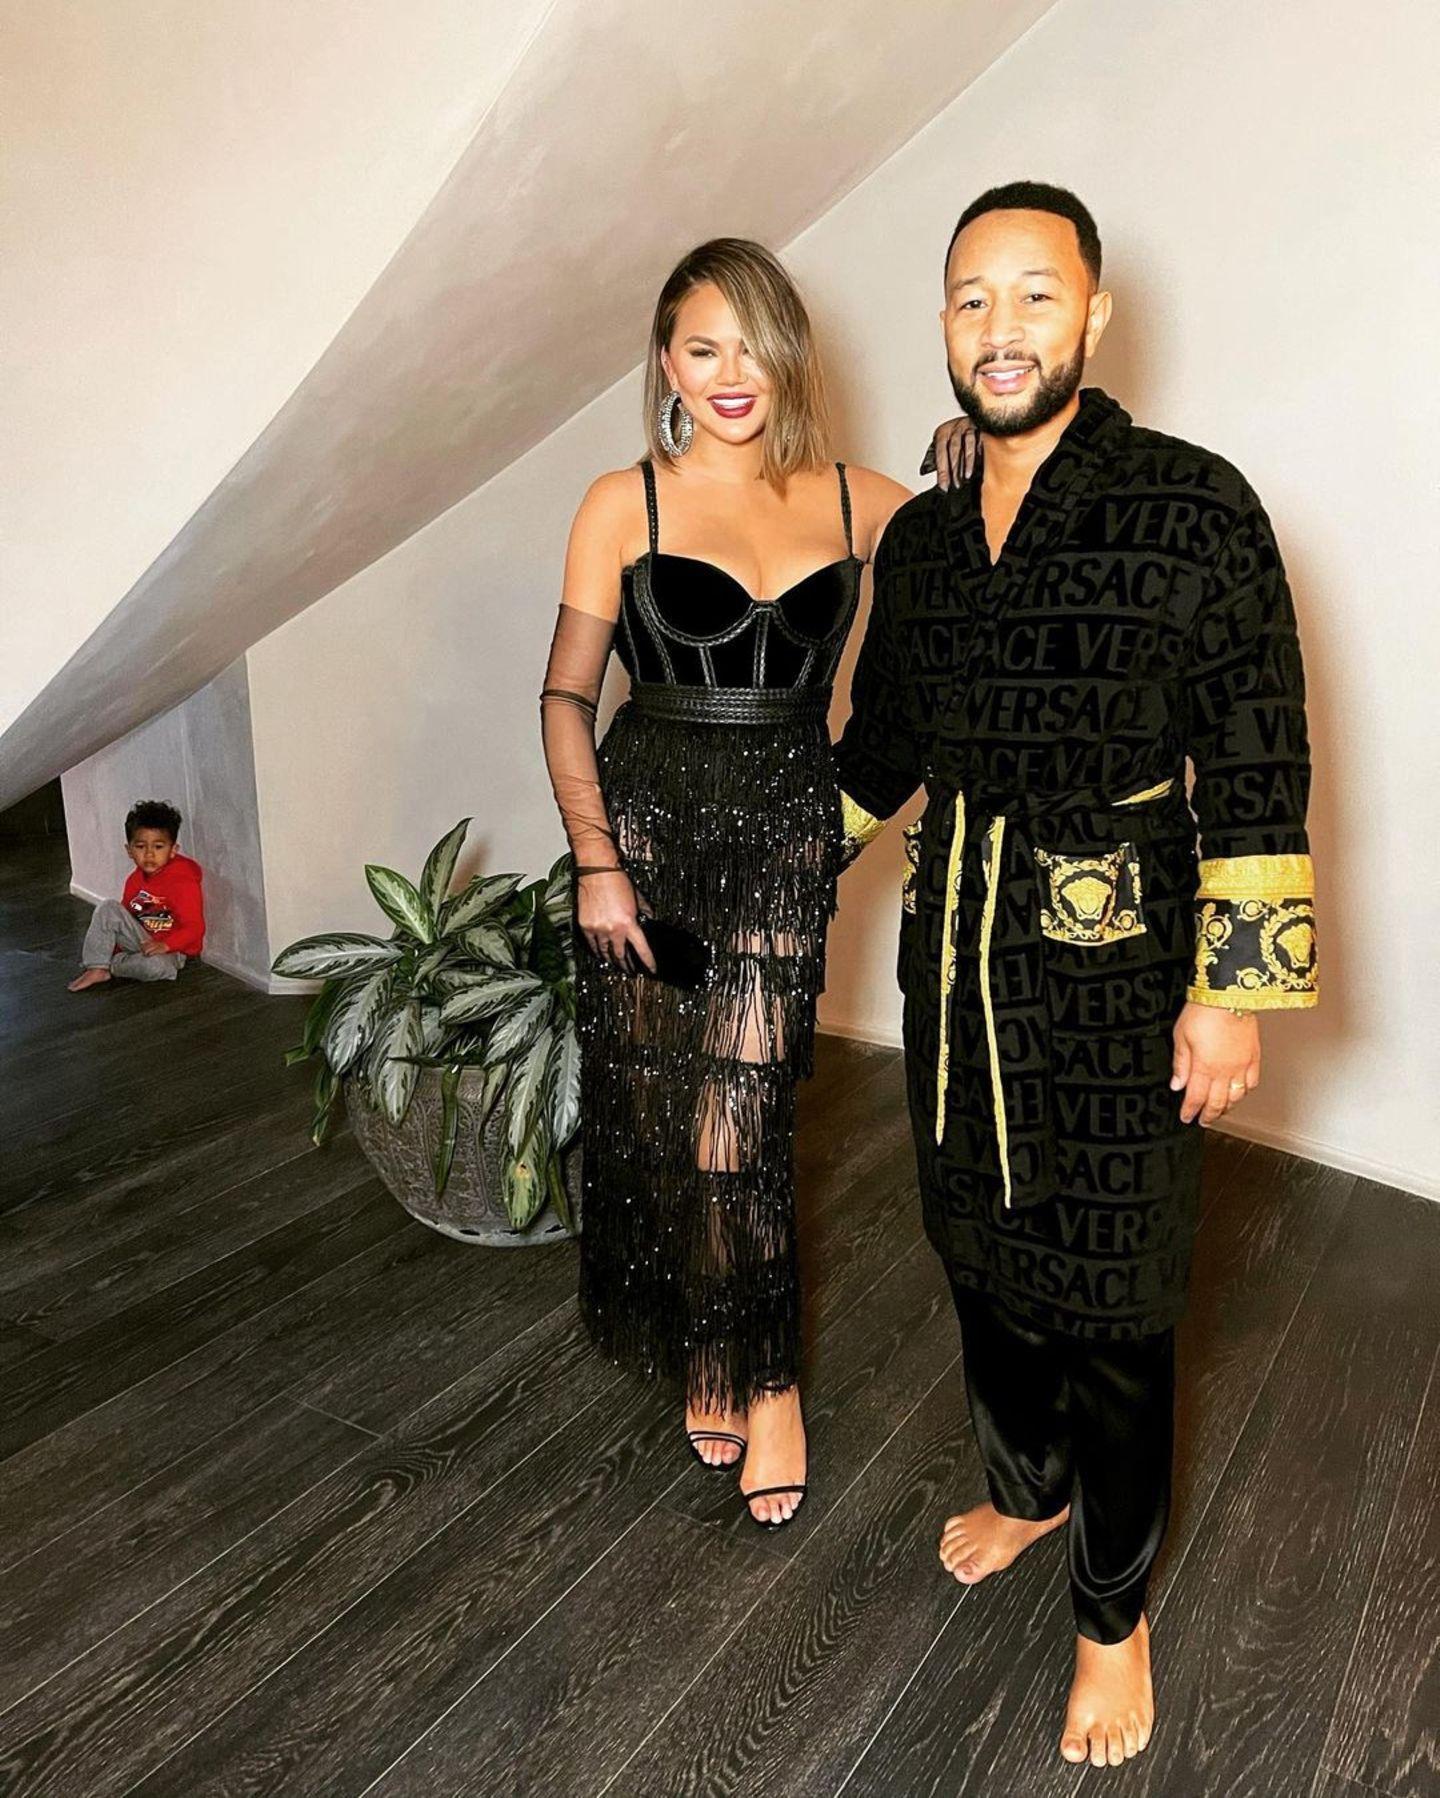 Die Grammys wurden in diesem Jahr zuhause gefeiert – aber Chrissy Teigen und John Legend haben sich trotzdem in Schale geworfen und begeistern im Versace-Look. Ob Söhnchen Miles (ganz links versteckt) auch so angetan ist?